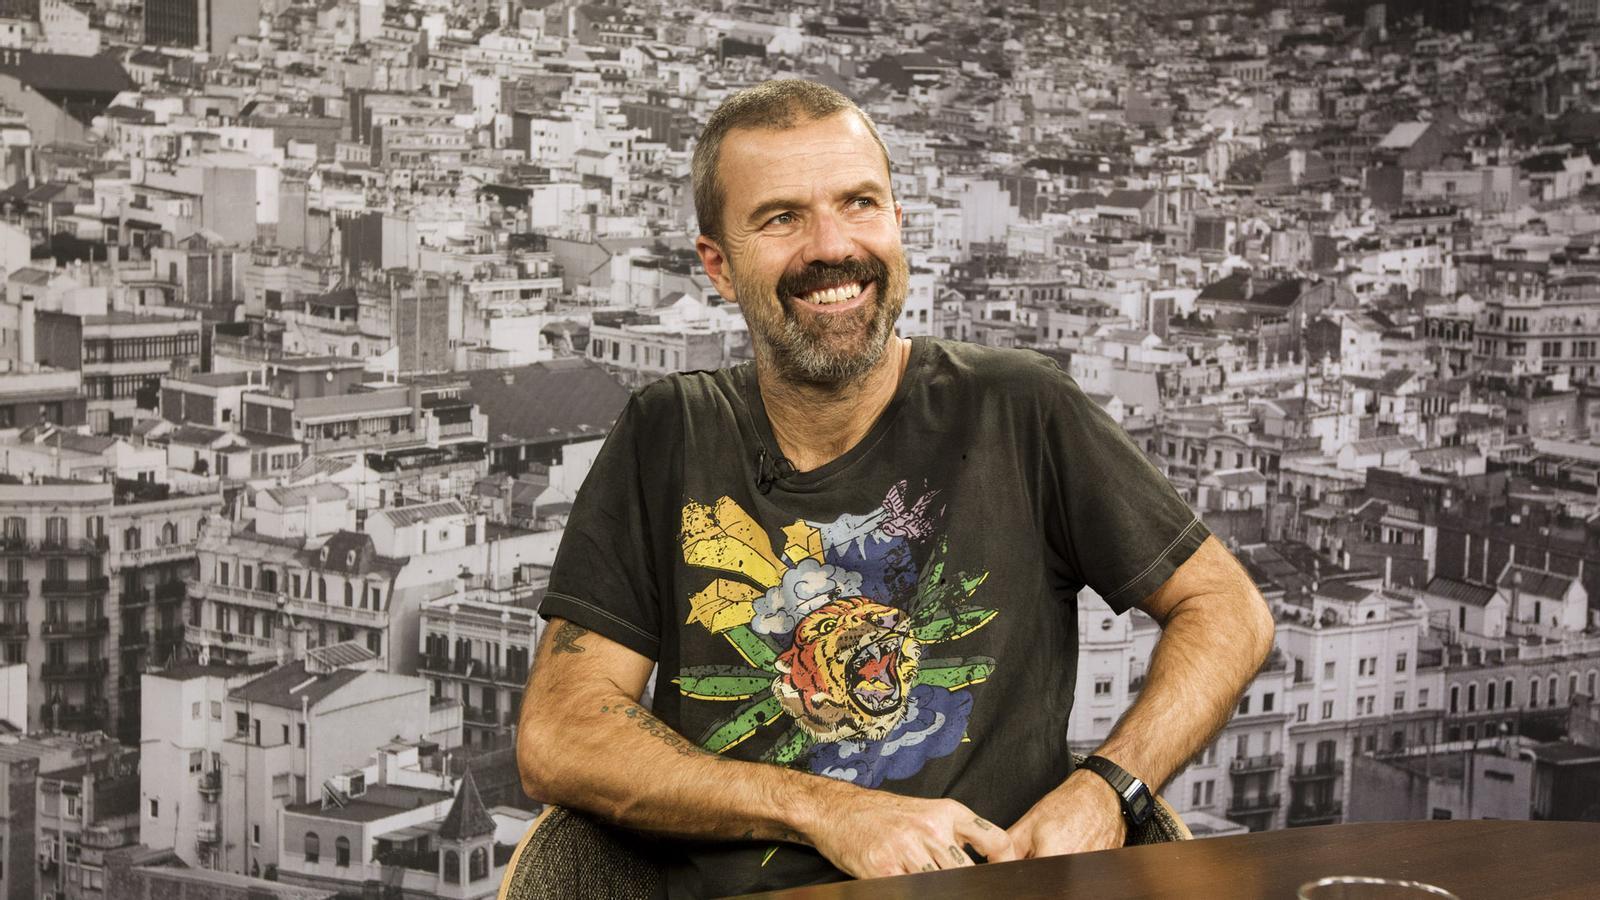 Mor Pau Donés als 53 anys, i els exàmens de selectivitat, amb mascareta: les claus del vespre, amb Antoni Bassas (09/06/2020)